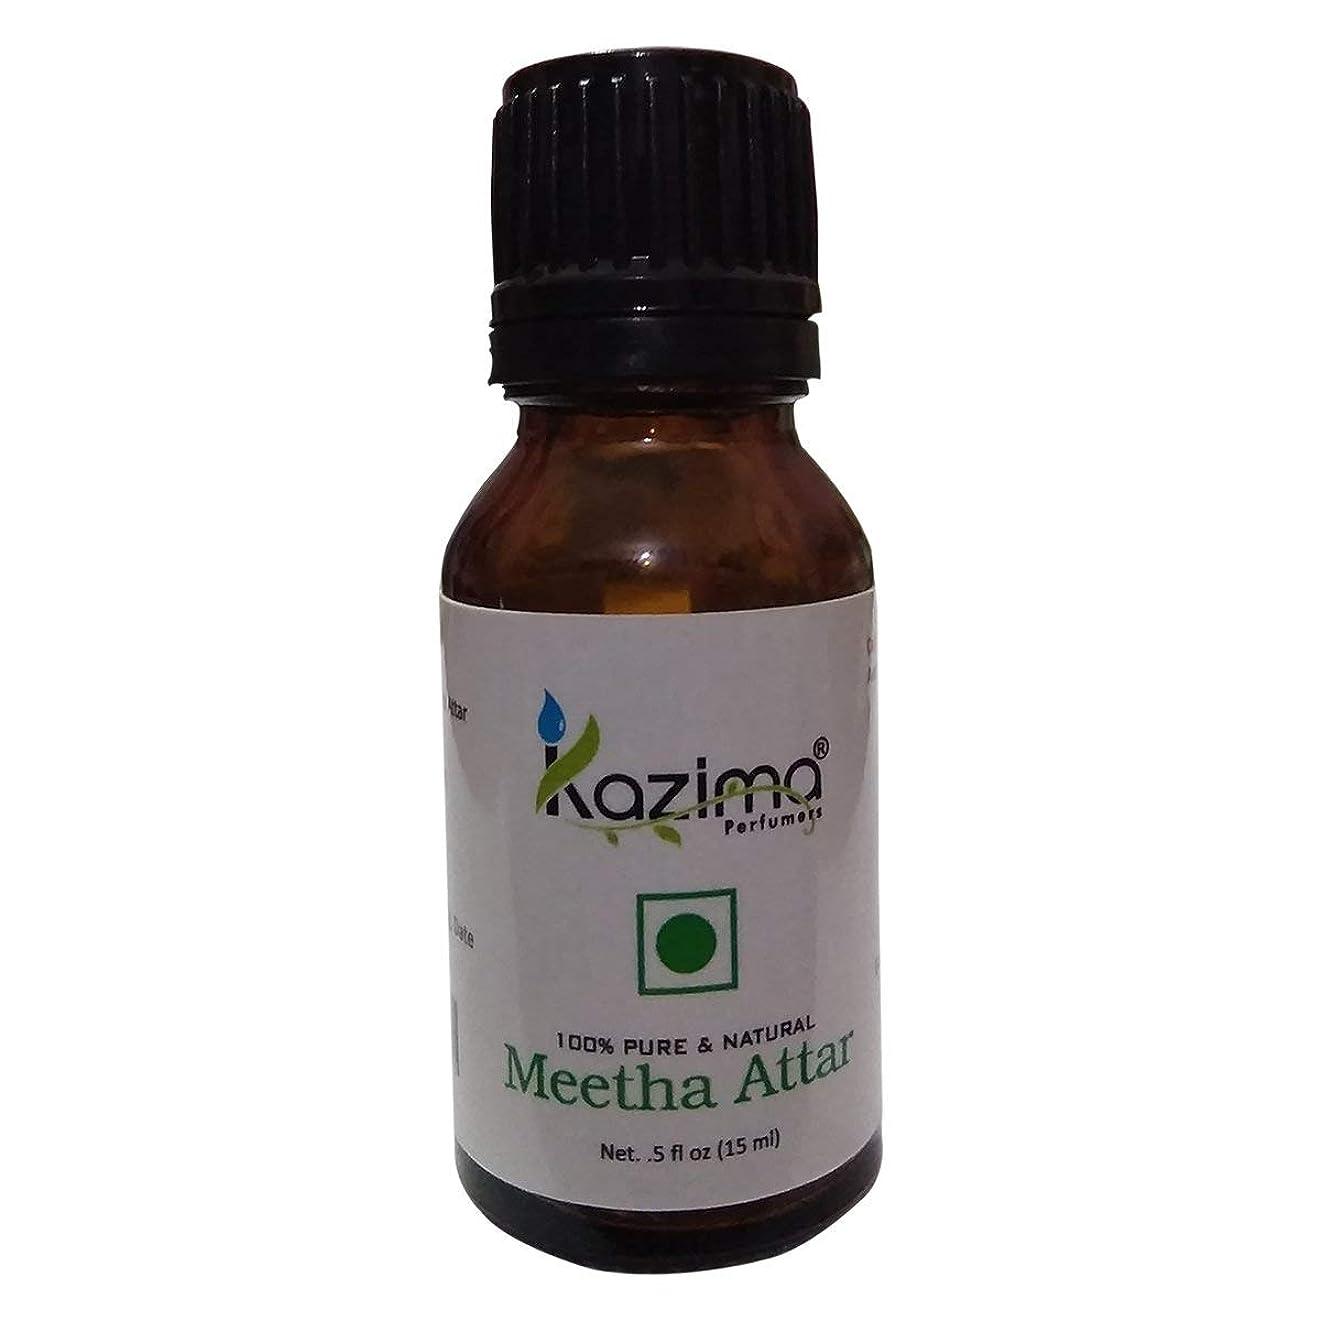 有名アンドリューハリディ新しさロイヤルMughlai Meethaアター食用グレード(15mlの)|アターITRA最高品質の香水長持ちアタースプレー